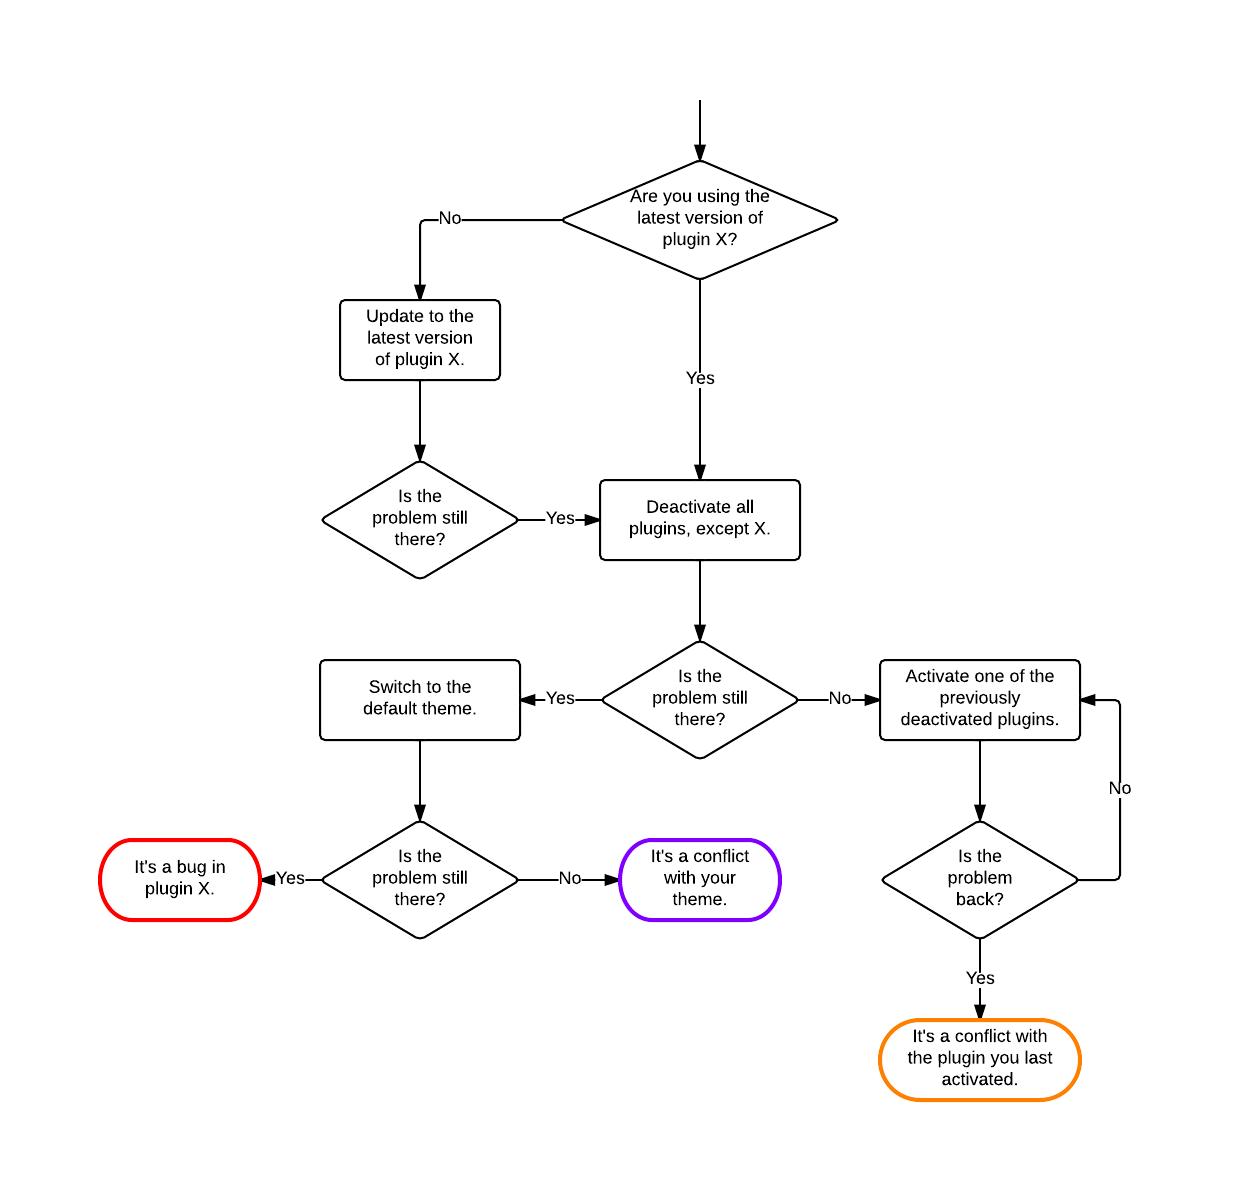 email flow diagram tecumseh engines lawn mower wordpress plugin troubleshooting flowchart